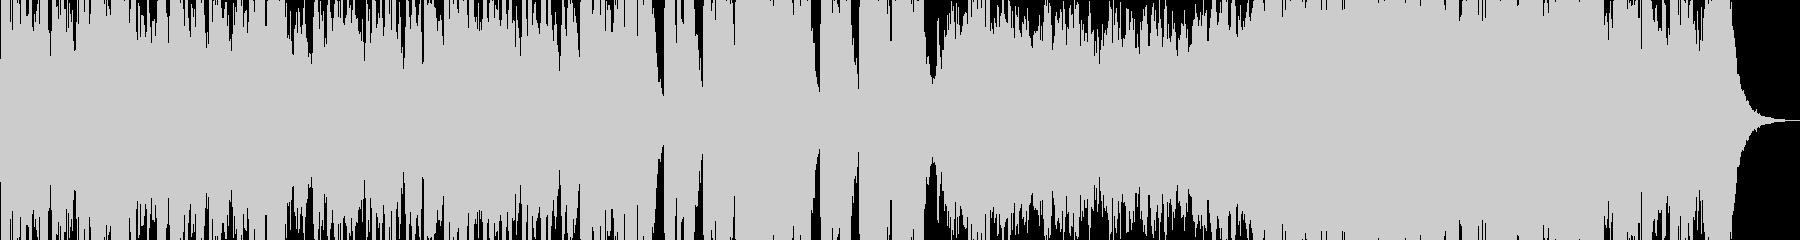 現代の交響曲 クラシック交響曲 ポ...の未再生の波形